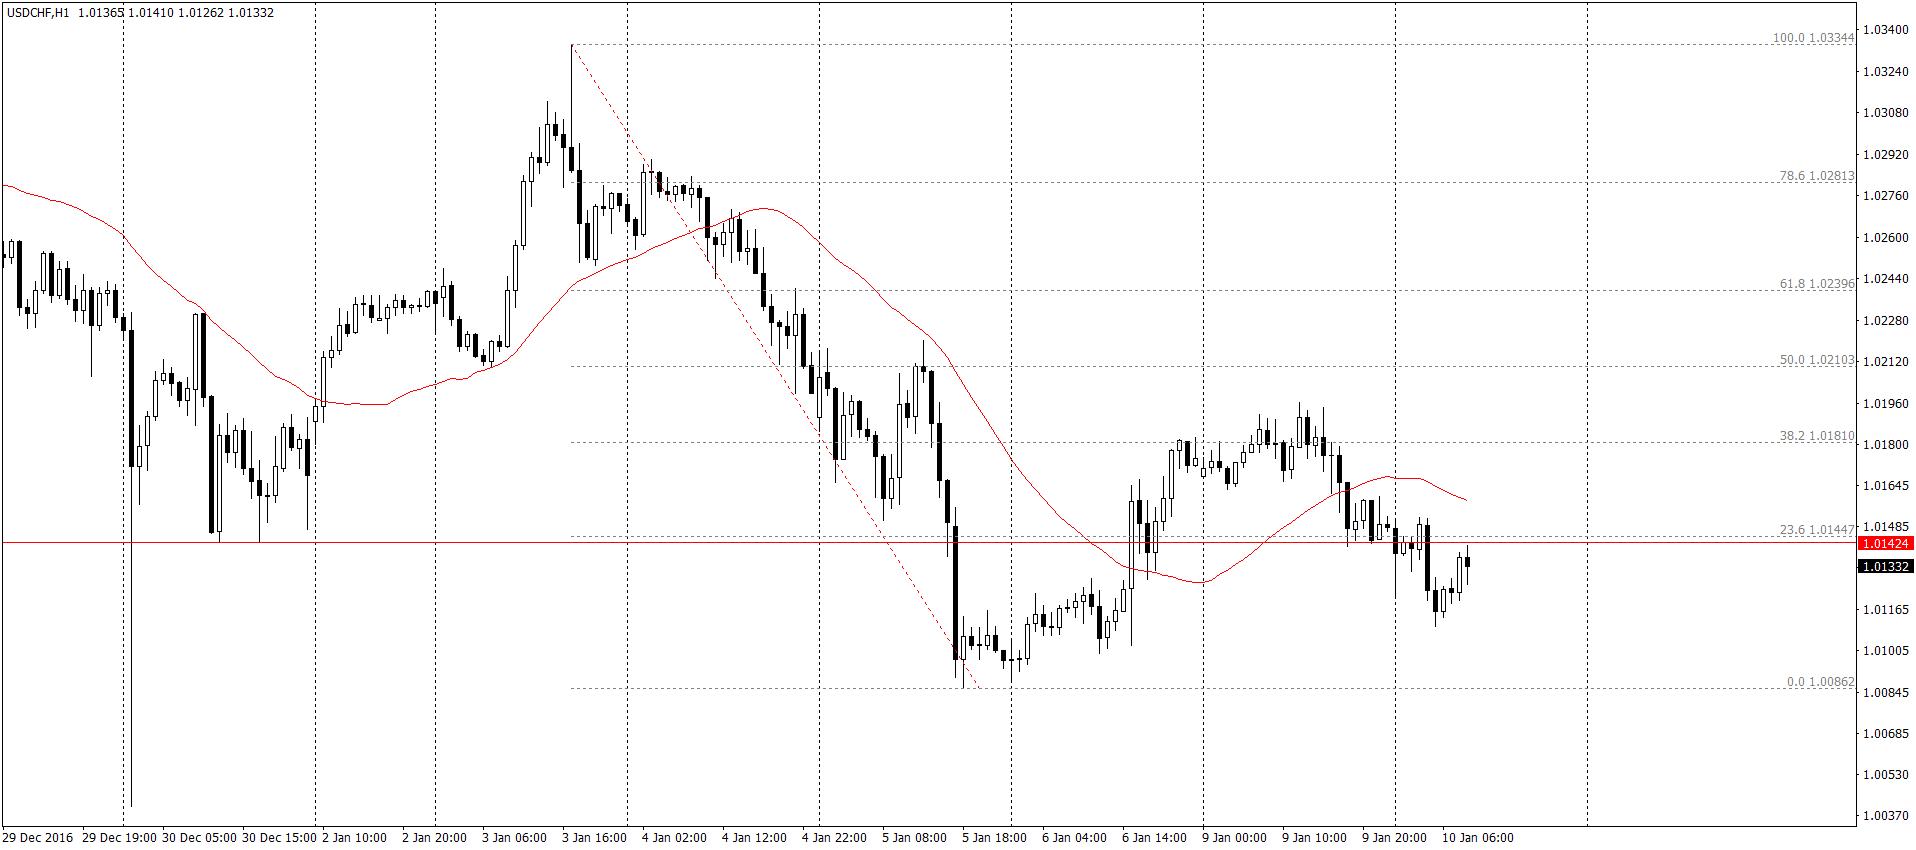 USD/CHF H1 – para w tym momencie znalazła się pod ciekawym oporem – jeżeli w miejscu tym pojawi się sygnał sprzedażowy, możemy liczyć na osunięcie do co najmniej dołków z 5 stycznia